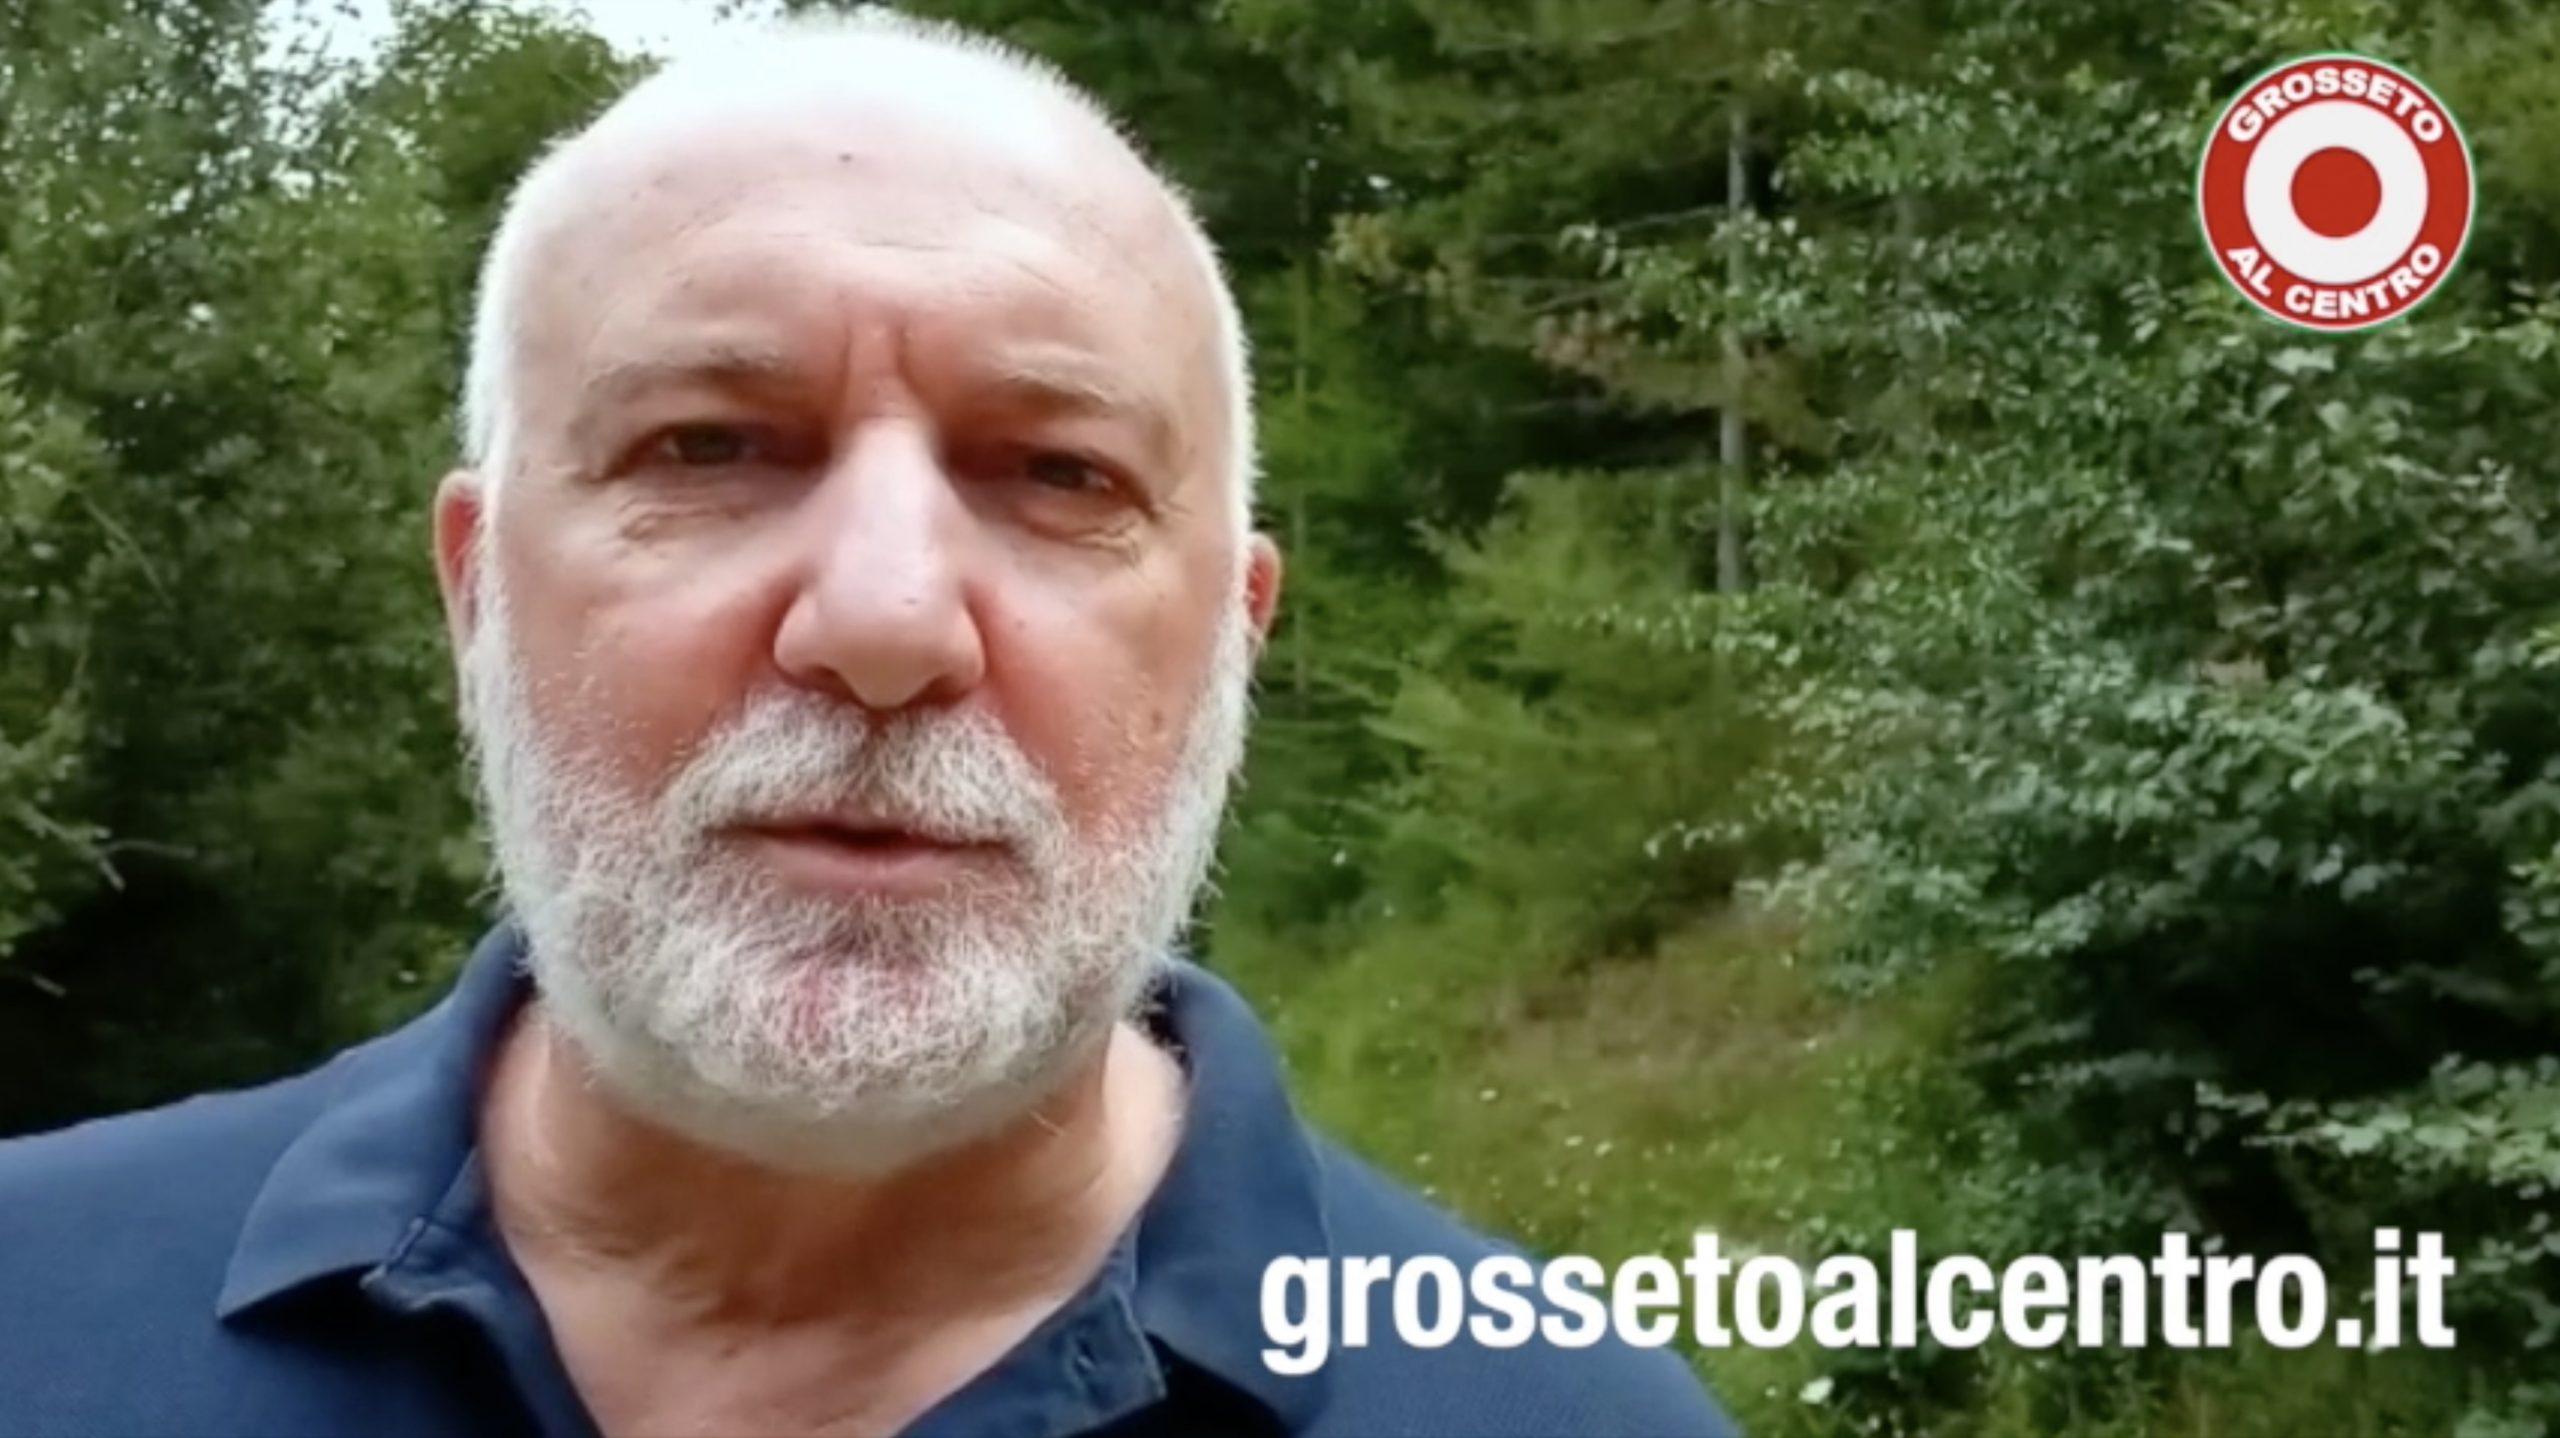 Marcello_Campomori-grosseto-al-centro